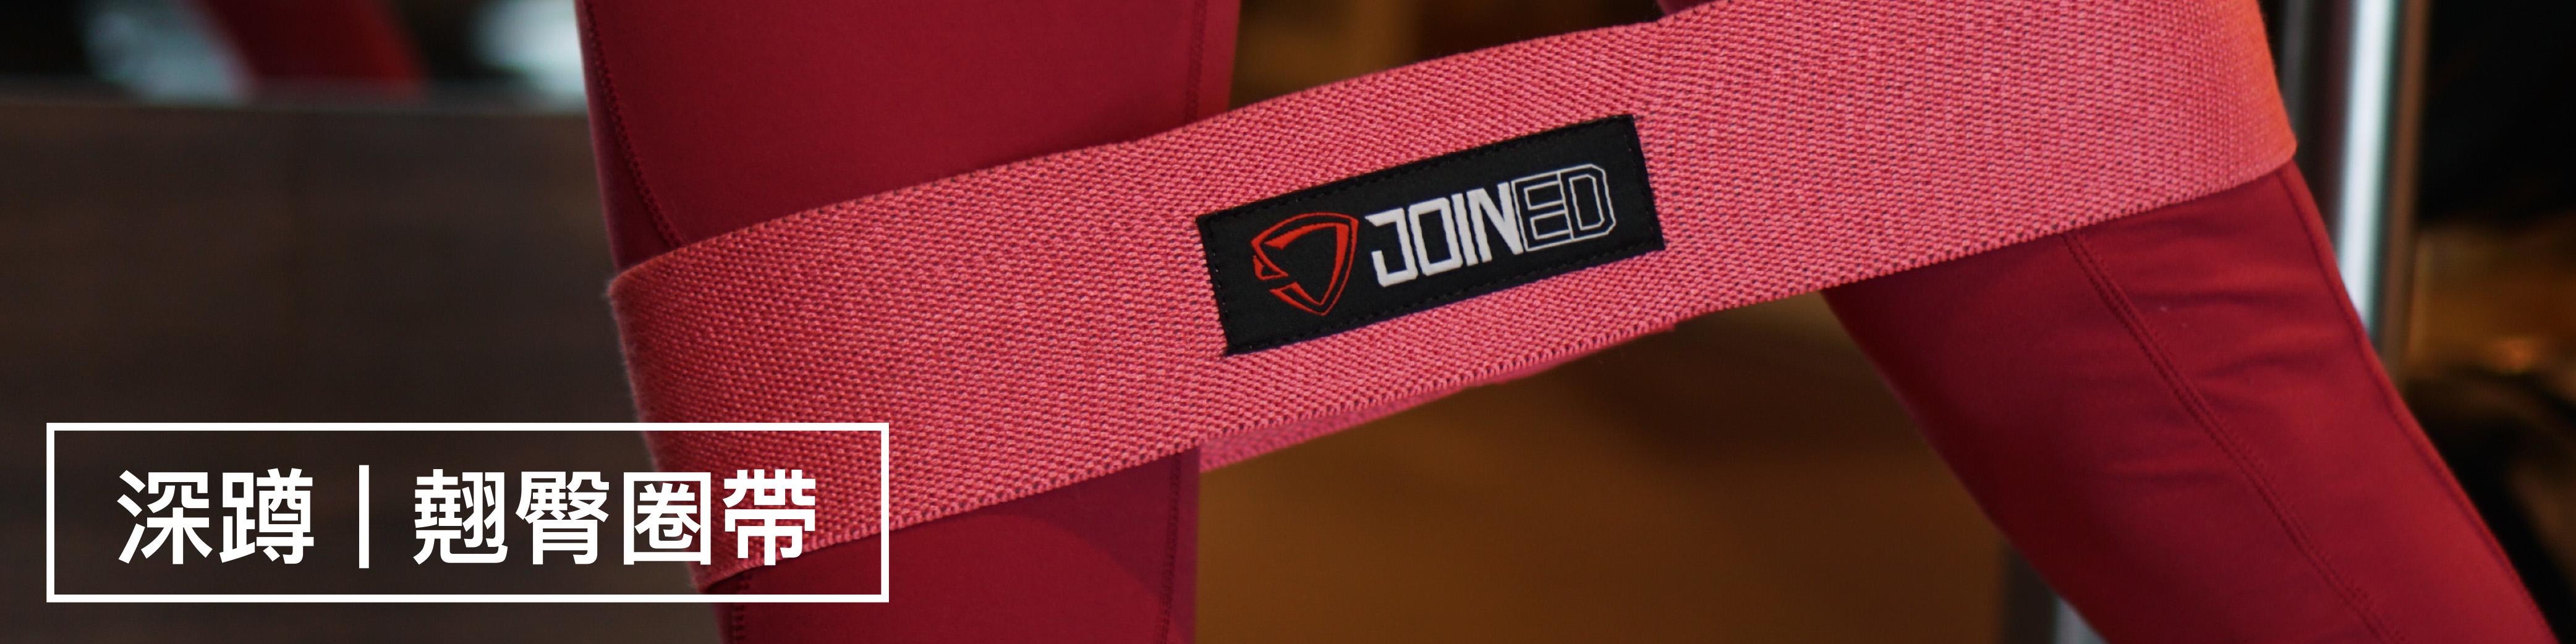 TeamJoined 健身裝備 | 翹臀圈帶